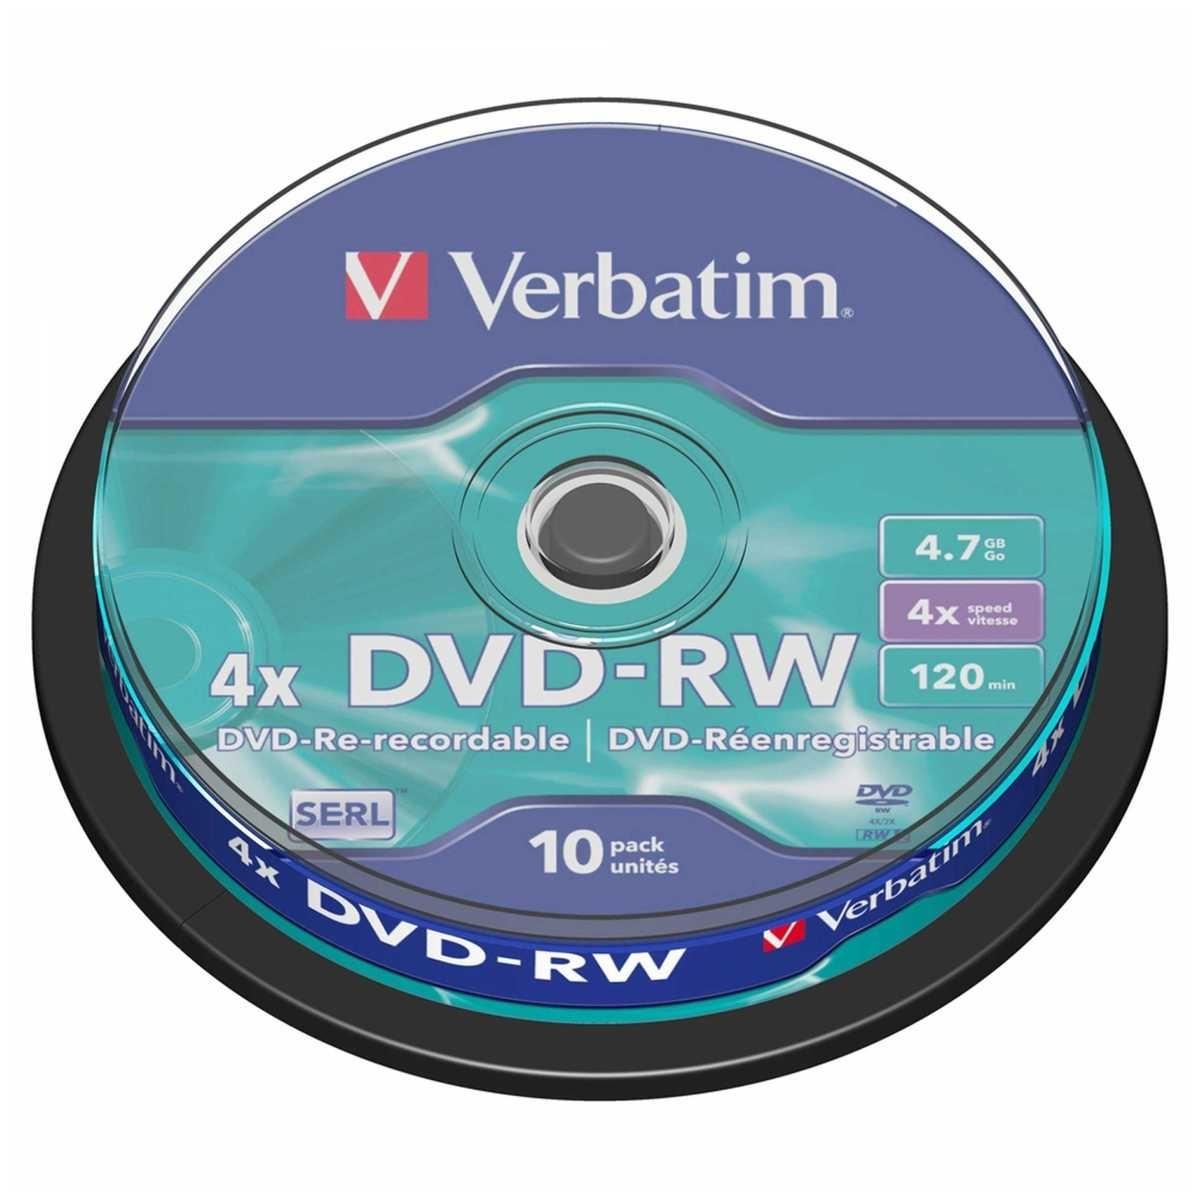 Диск DVD-RW Verbatim 4.7Gb 4x Cake Box (10 шт)43552Универсальные оптические компакт-диски DVD-RW Verbatim 4.7Gb 4x предназначены для записи аудио и видео данных различных форматов. Информацию можно перезаписывать, используя скорость записи до 4х.